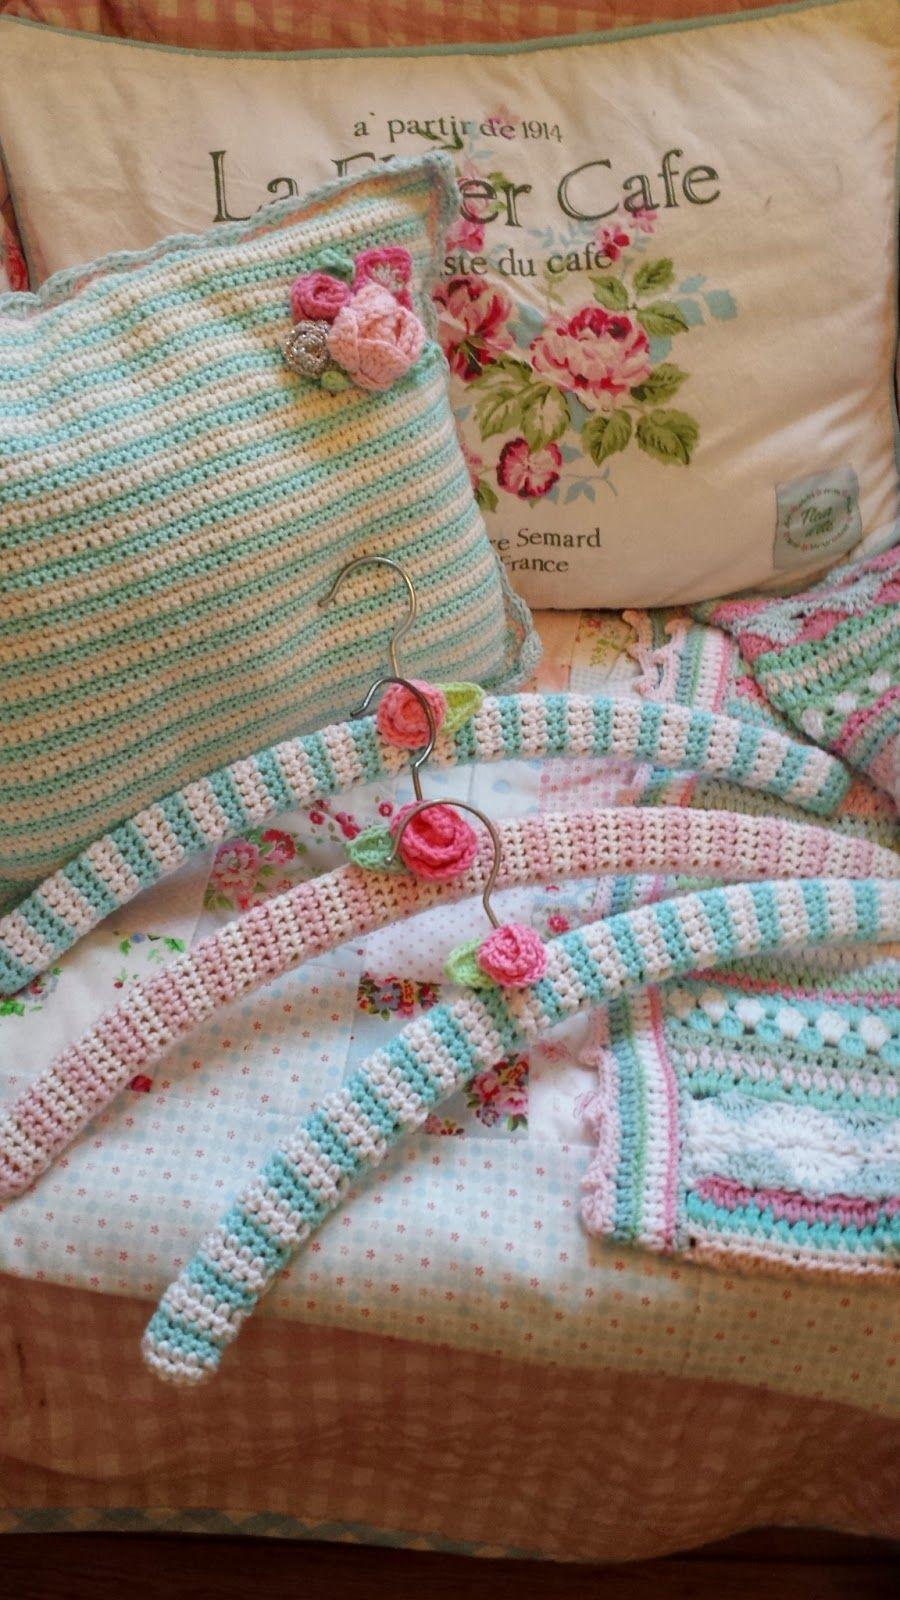 rideaux su dois crochet 1 pinterest kleiderb gel h keln und kleinigkeiten. Black Bedroom Furniture Sets. Home Design Ideas